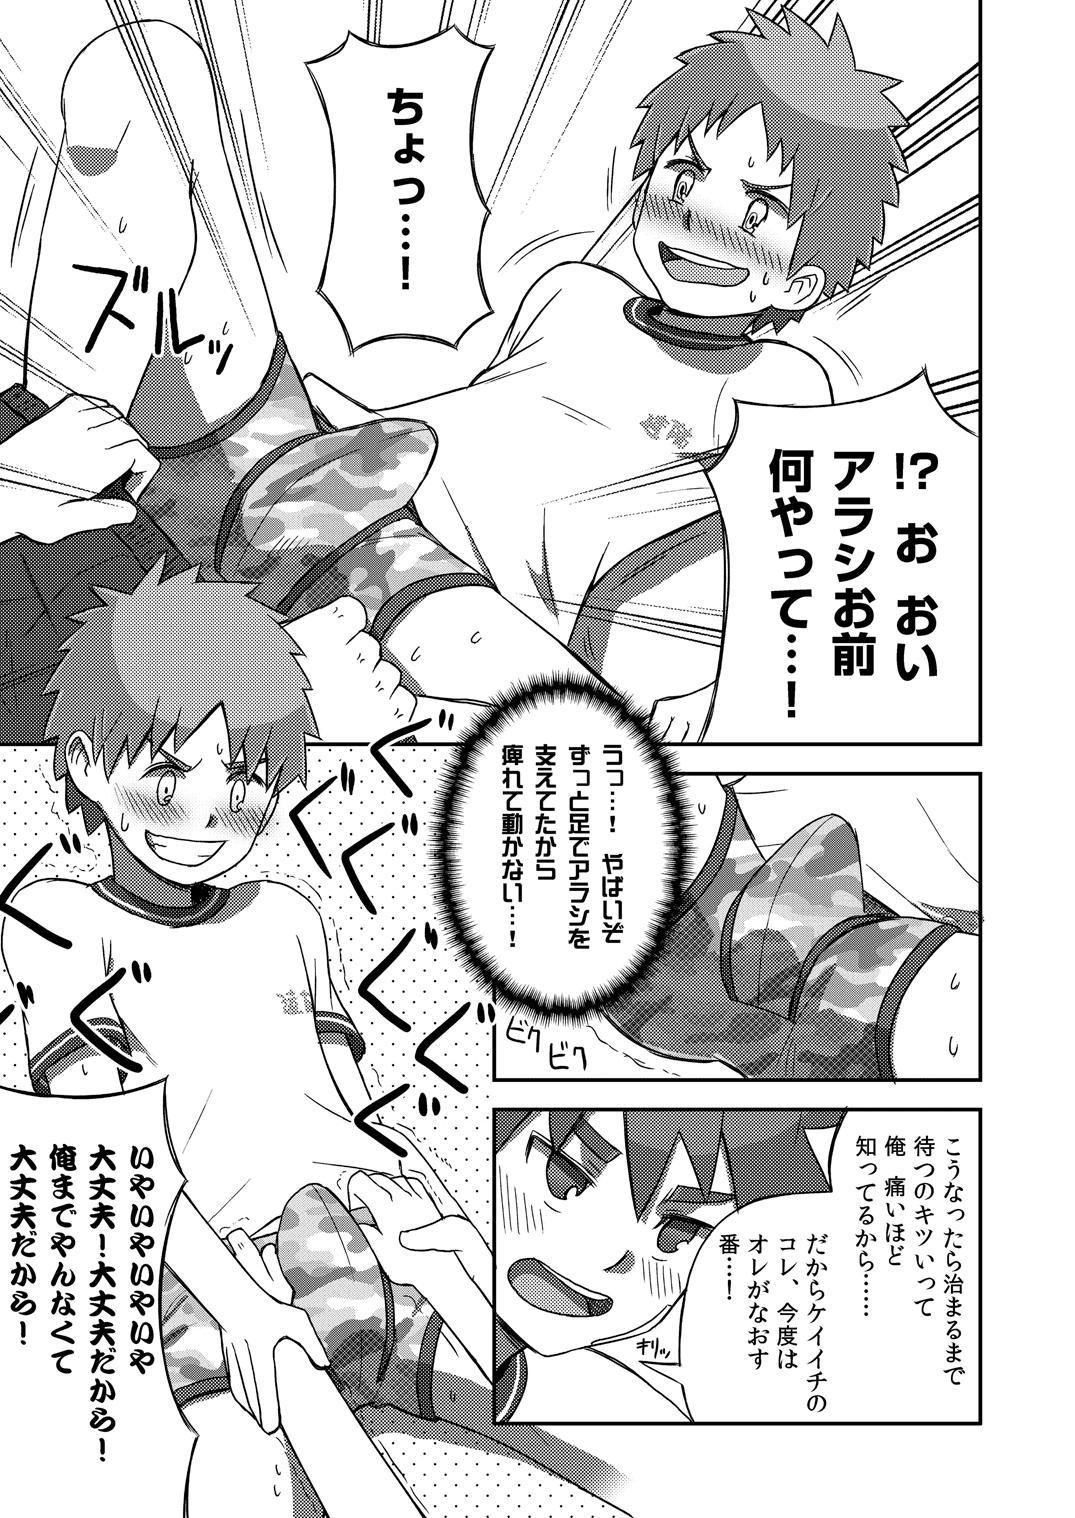 (Shota Scratch 18) [Drum-Kan (Kine)] Arashi-kun to Keiichi-kun. 24